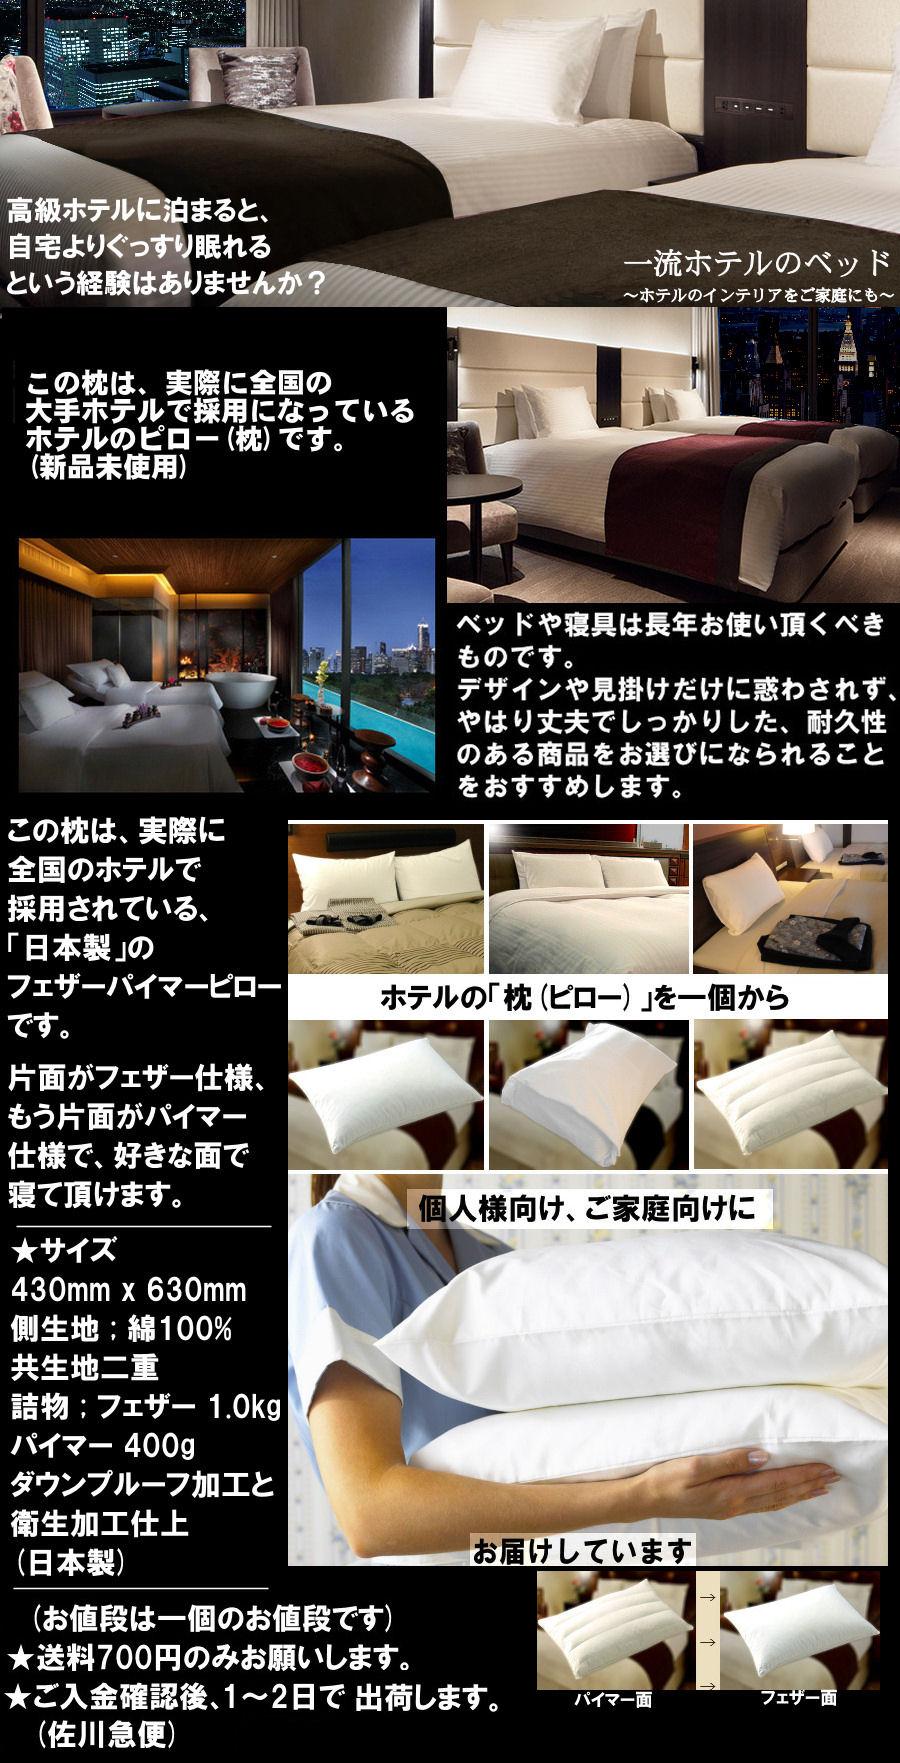 枕_ホテル仕様 ★一流ホテルで実際に採用されているピロー(枕)を出品致します。(新品未使用)ホテルの枕(ピロー)、高級旅館の枕★全面がフェザーの、ソフトなピロー(枕)です。(ピローケース別途です)サイズ ; 430mm x 630mm 表地 ; 綿100%(ダウンプルーフ) 共生地二重 詰物 ; フェザー100% 正味重量 1.2kg ダウンプルーフ加工と衛生加工仕上 (日本製)★落札手数料や消費税は不要です。(お値段は一個のお値段でございます)★送料700円のみお願いします。★ご入金確認後、1~2日で出荷します(佐川急便予定。日曜・祝日を挟みました場合は集荷がございませんので休み明けの出荷となります)。